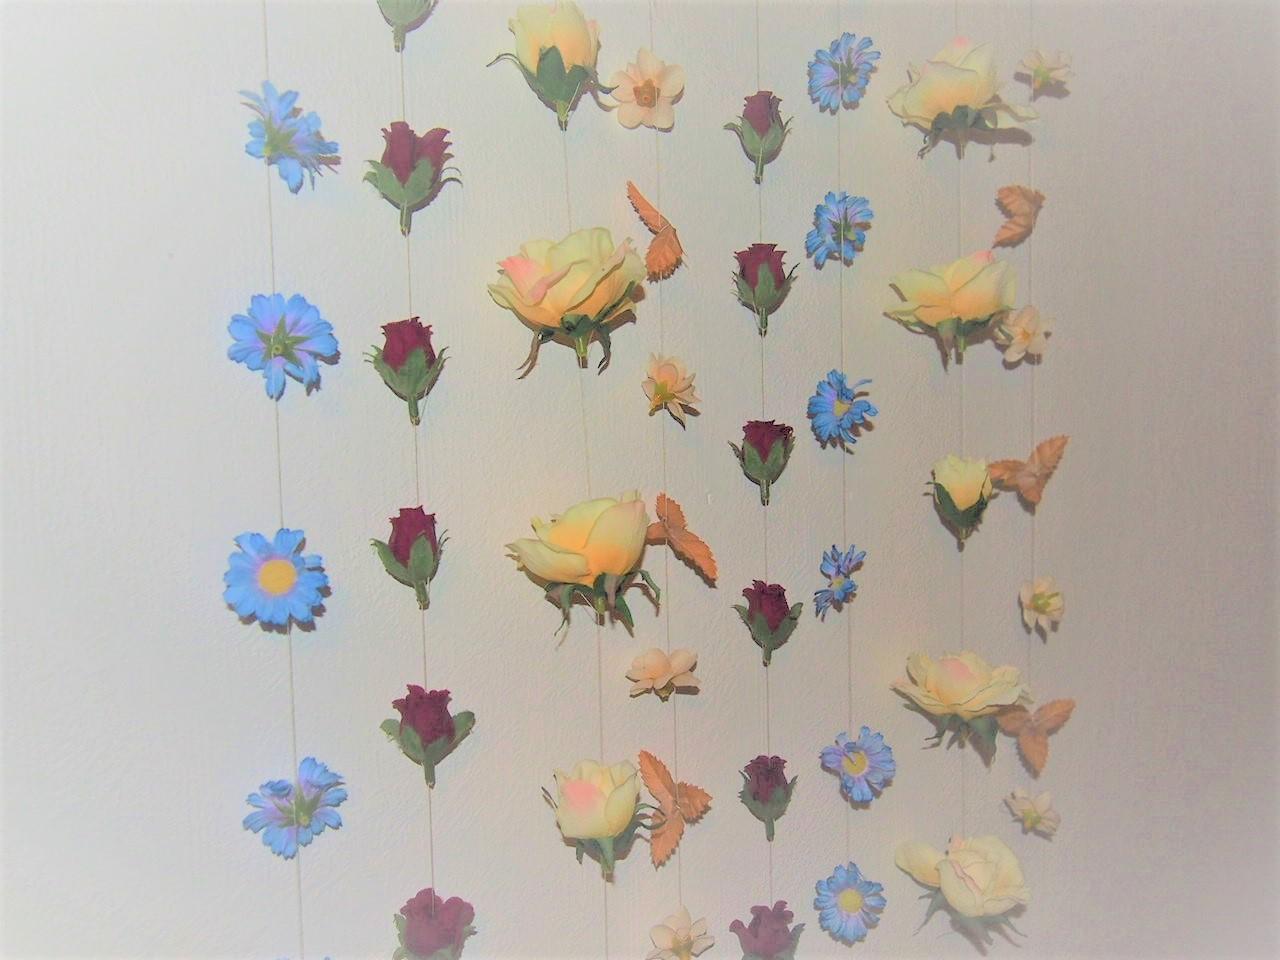 Återbruk, sy väggdekoration plastblommor